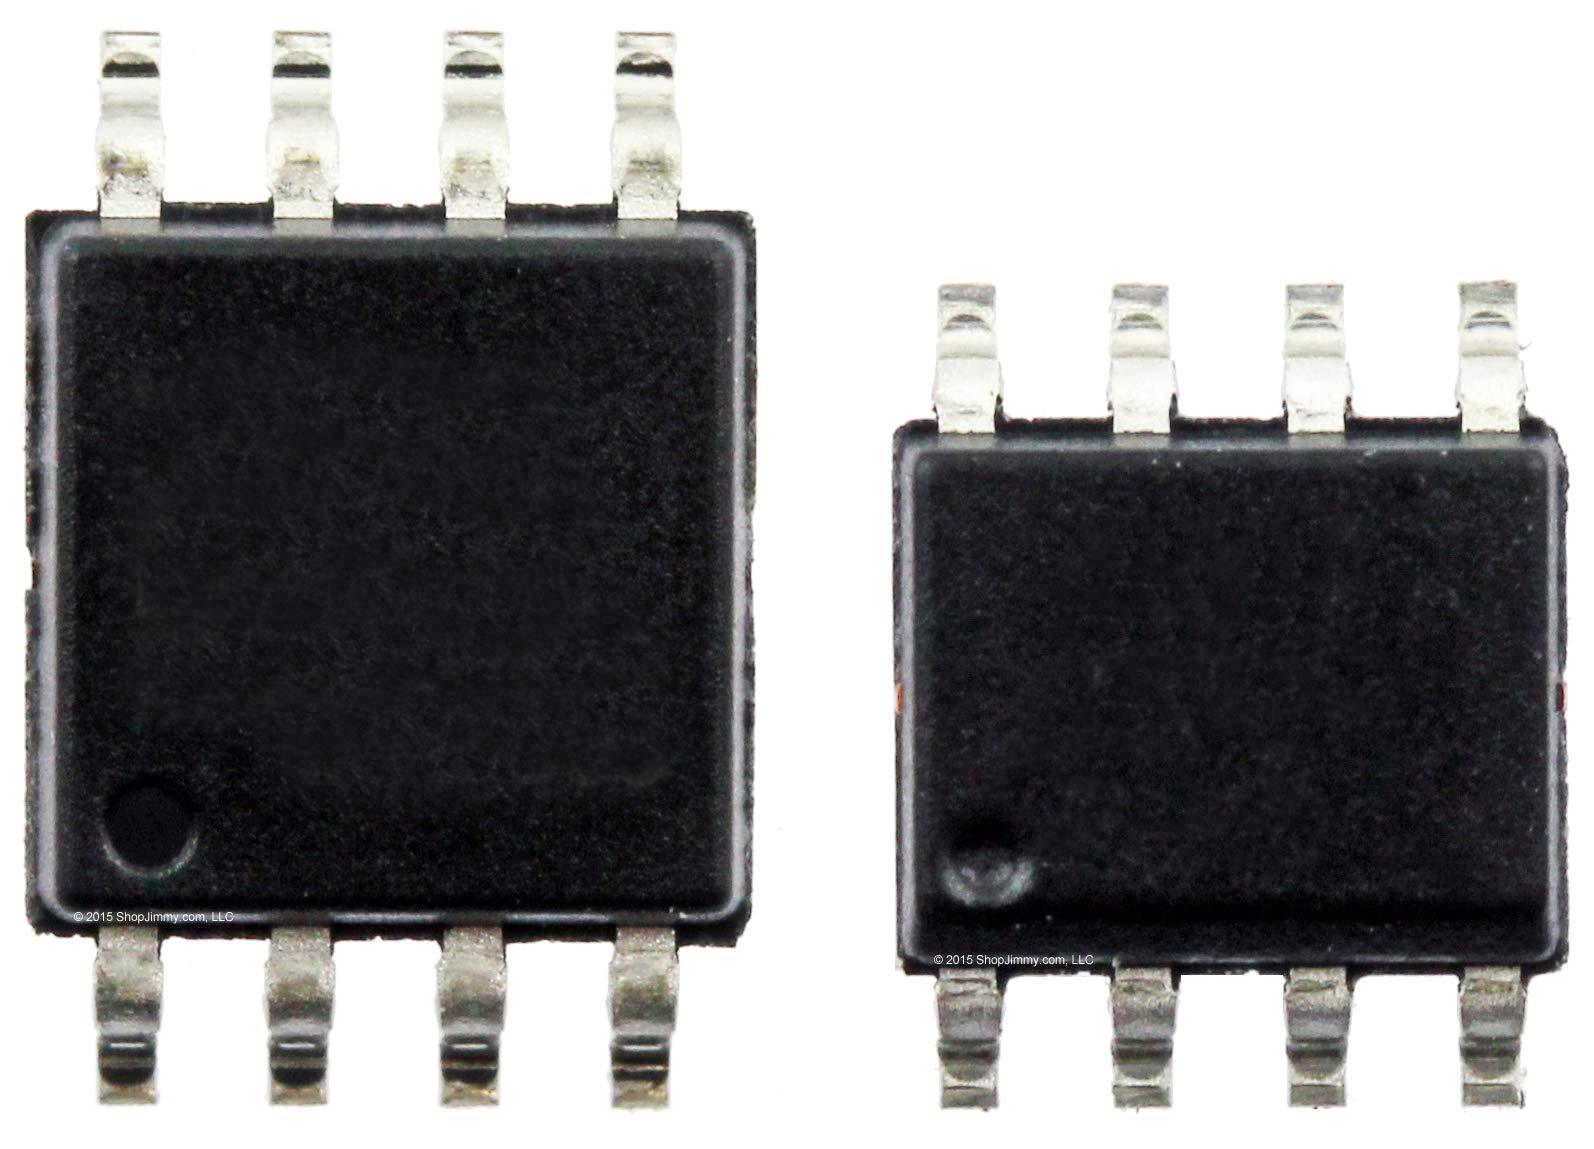 VIZIO 3632 – 1792 – 0150 (0171 – 2271 – 3294) principal junta componente Kit de reparación para E321VL: Amazon.es: Electrónica